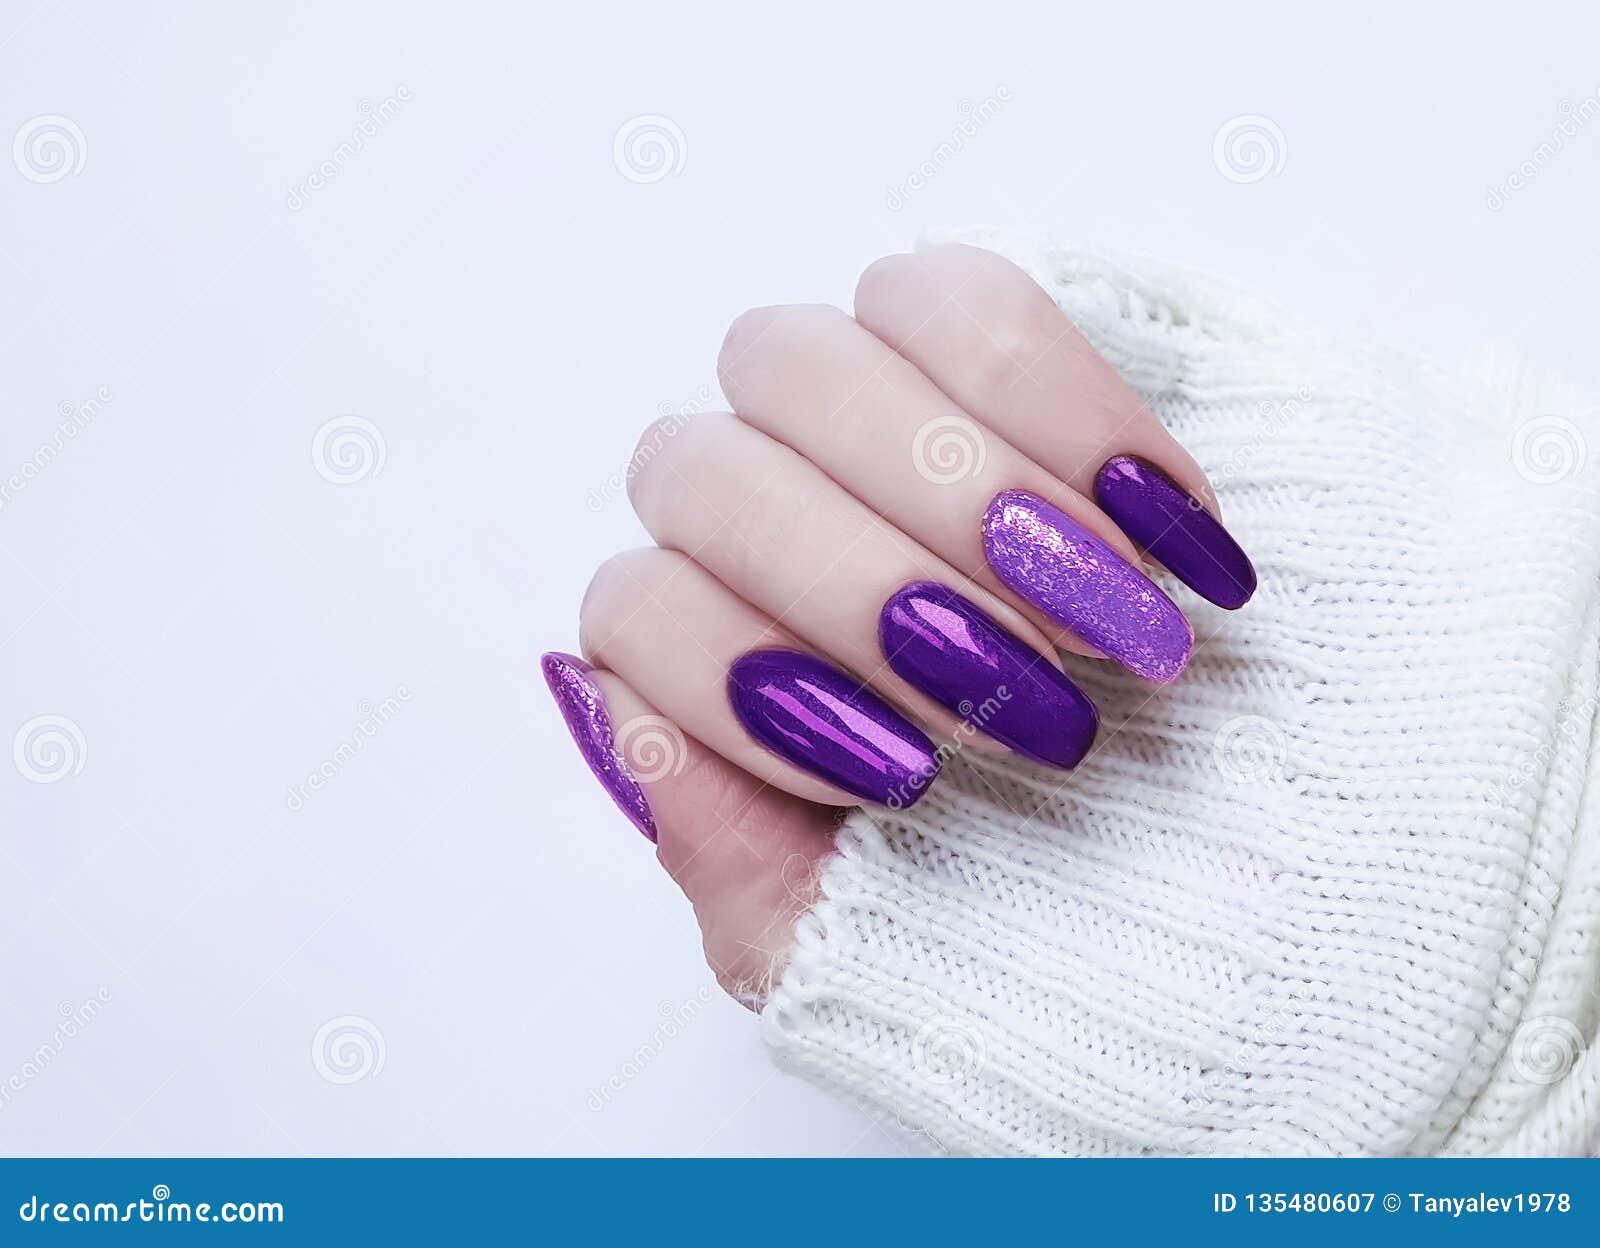 Maglione femminile del manicure della mano